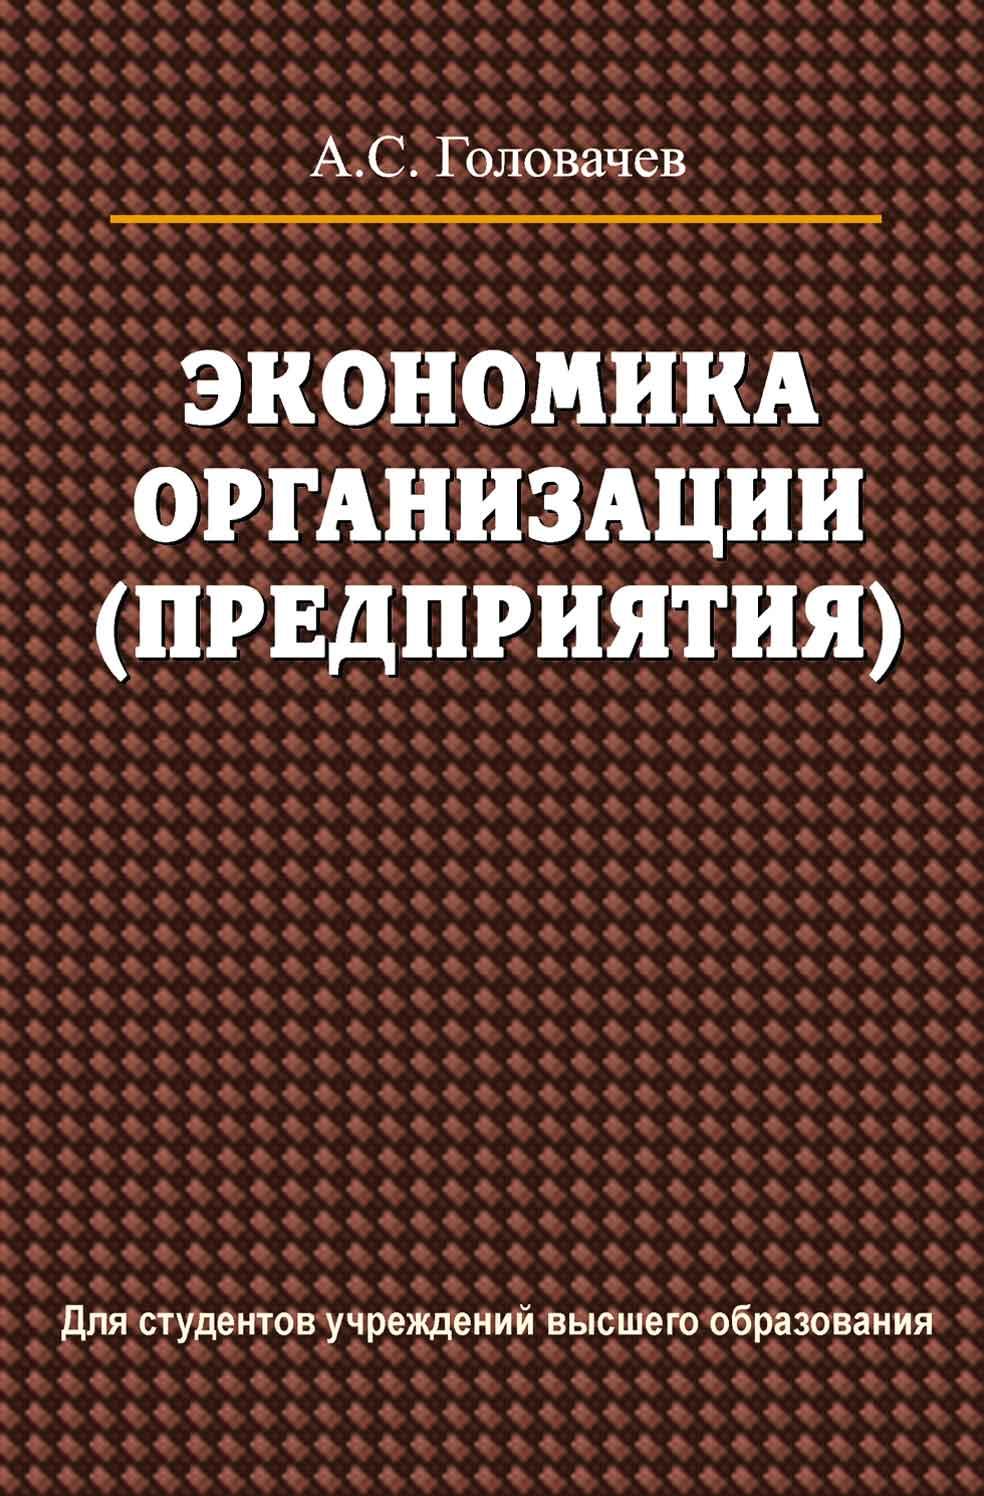 А. С. Головачев Экономика организации (предприятия)